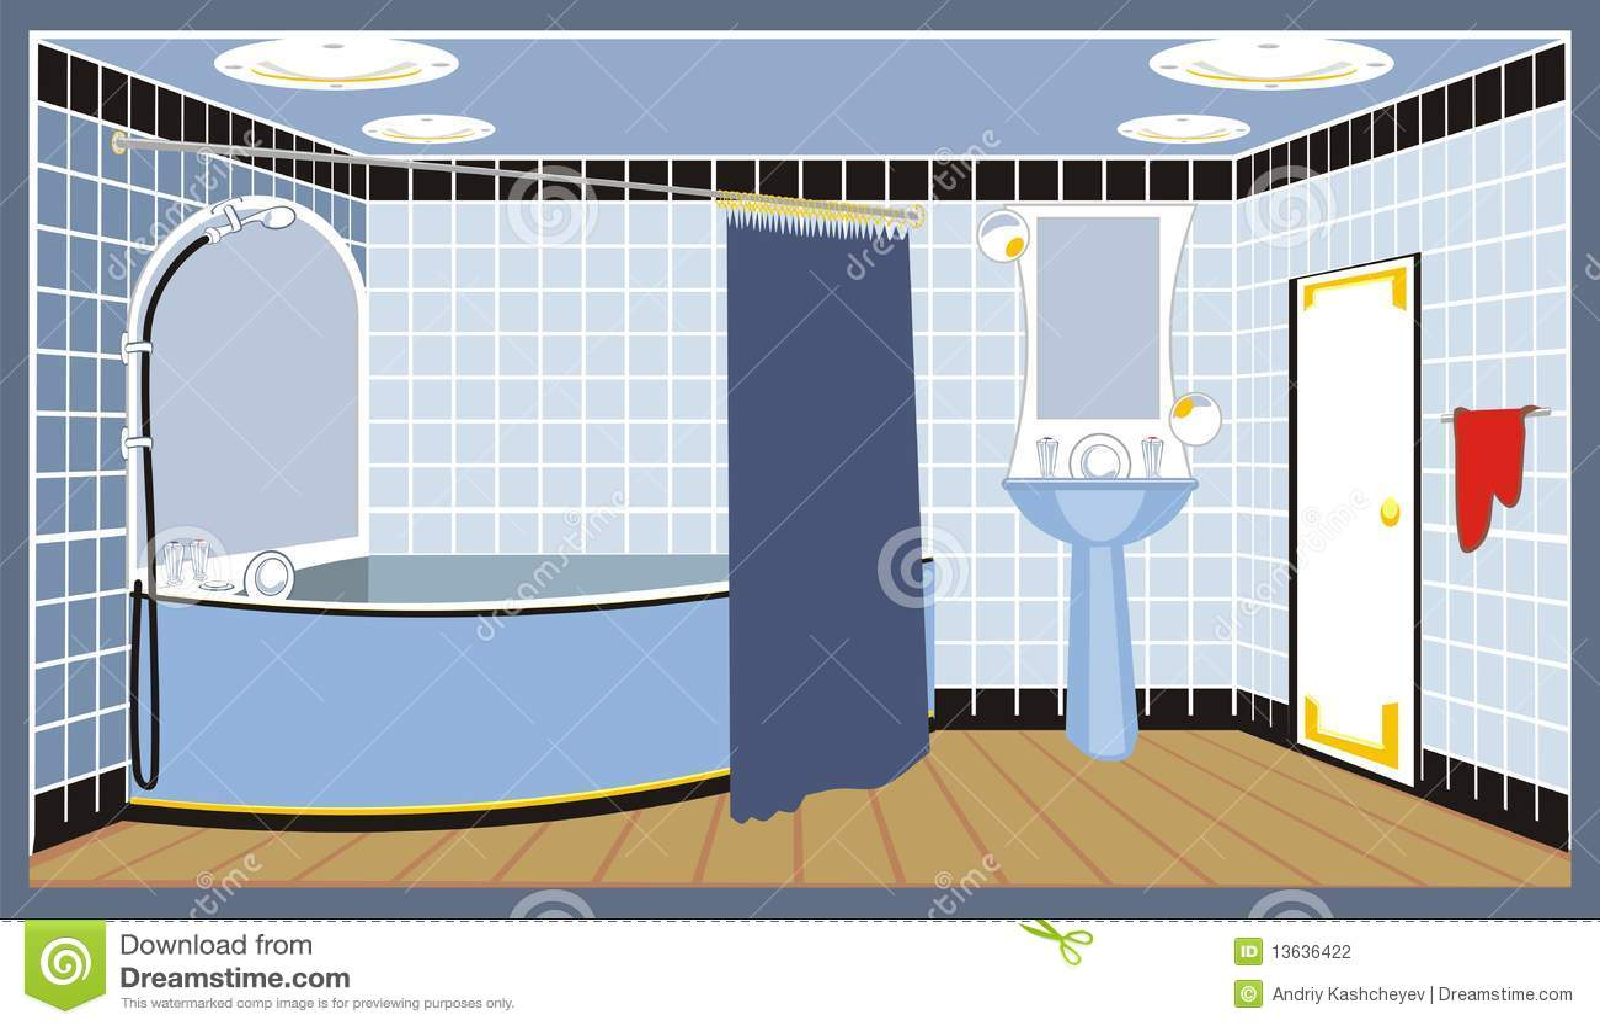 Bathroom stock photography image 13636422 - Image of bathroom ...